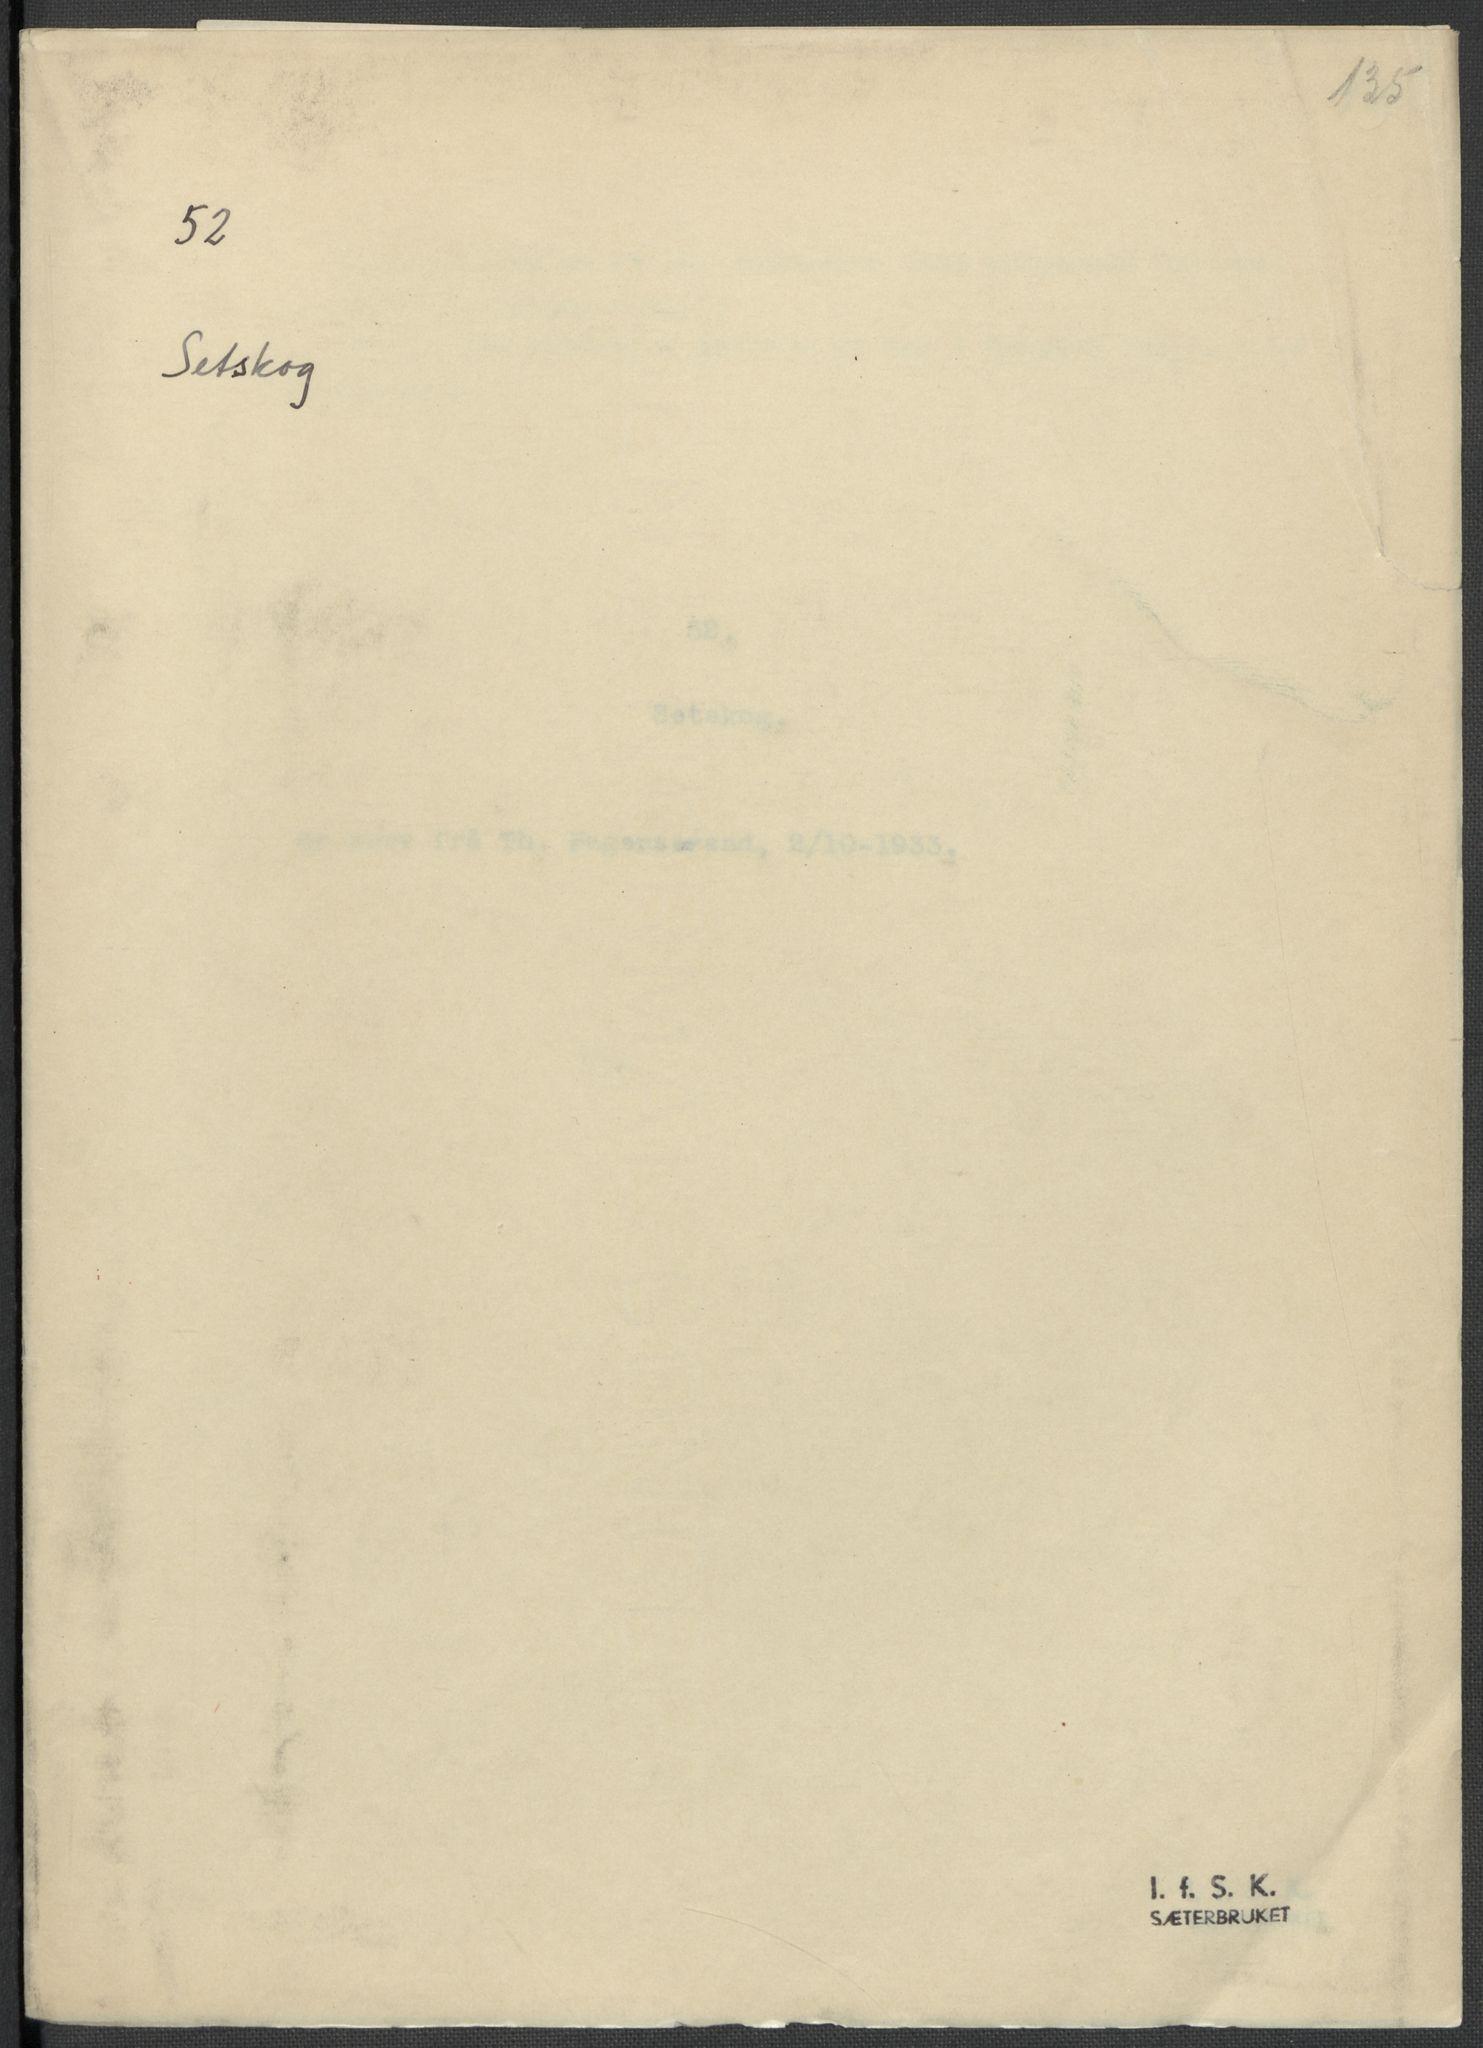 RA, Instituttet for sammenlignende kulturforskning, F/Fc/L0002: Eske B2:, 1932-1936, s. 135